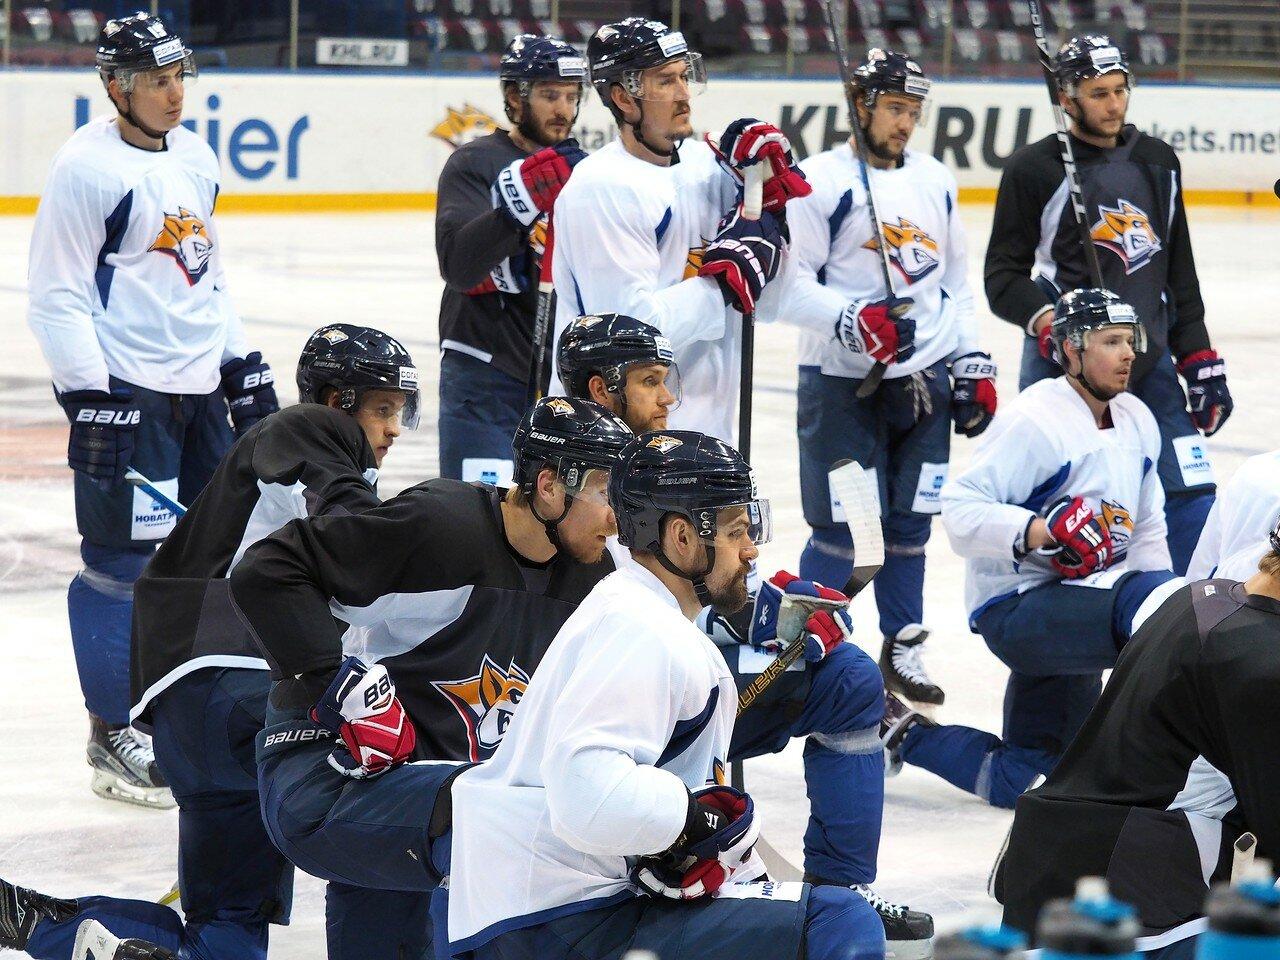 14 Открытая тренировка перед финалом плей-офф КХЛ 2017 06.04.2017